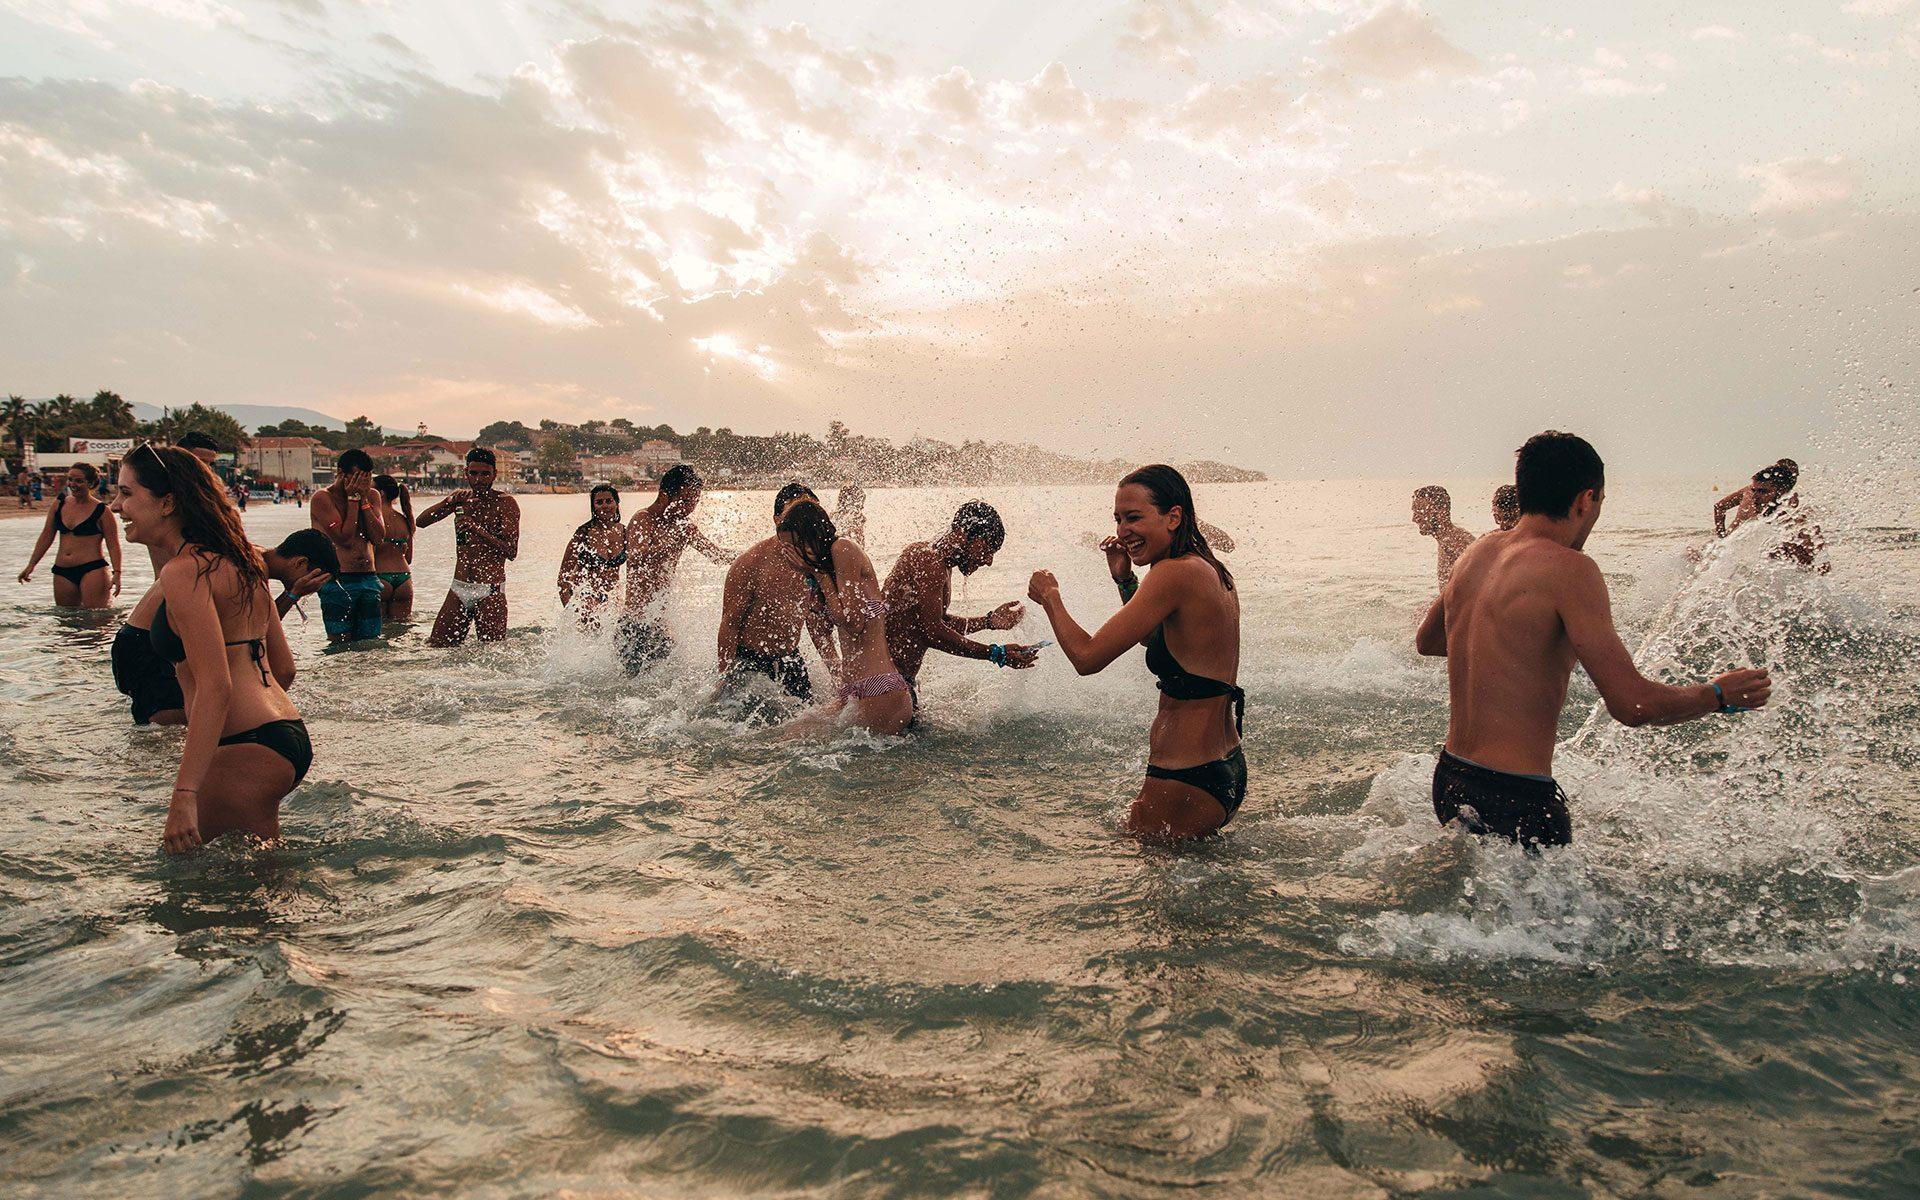 Divertimento in acqua - Viaggi giovani a Pag